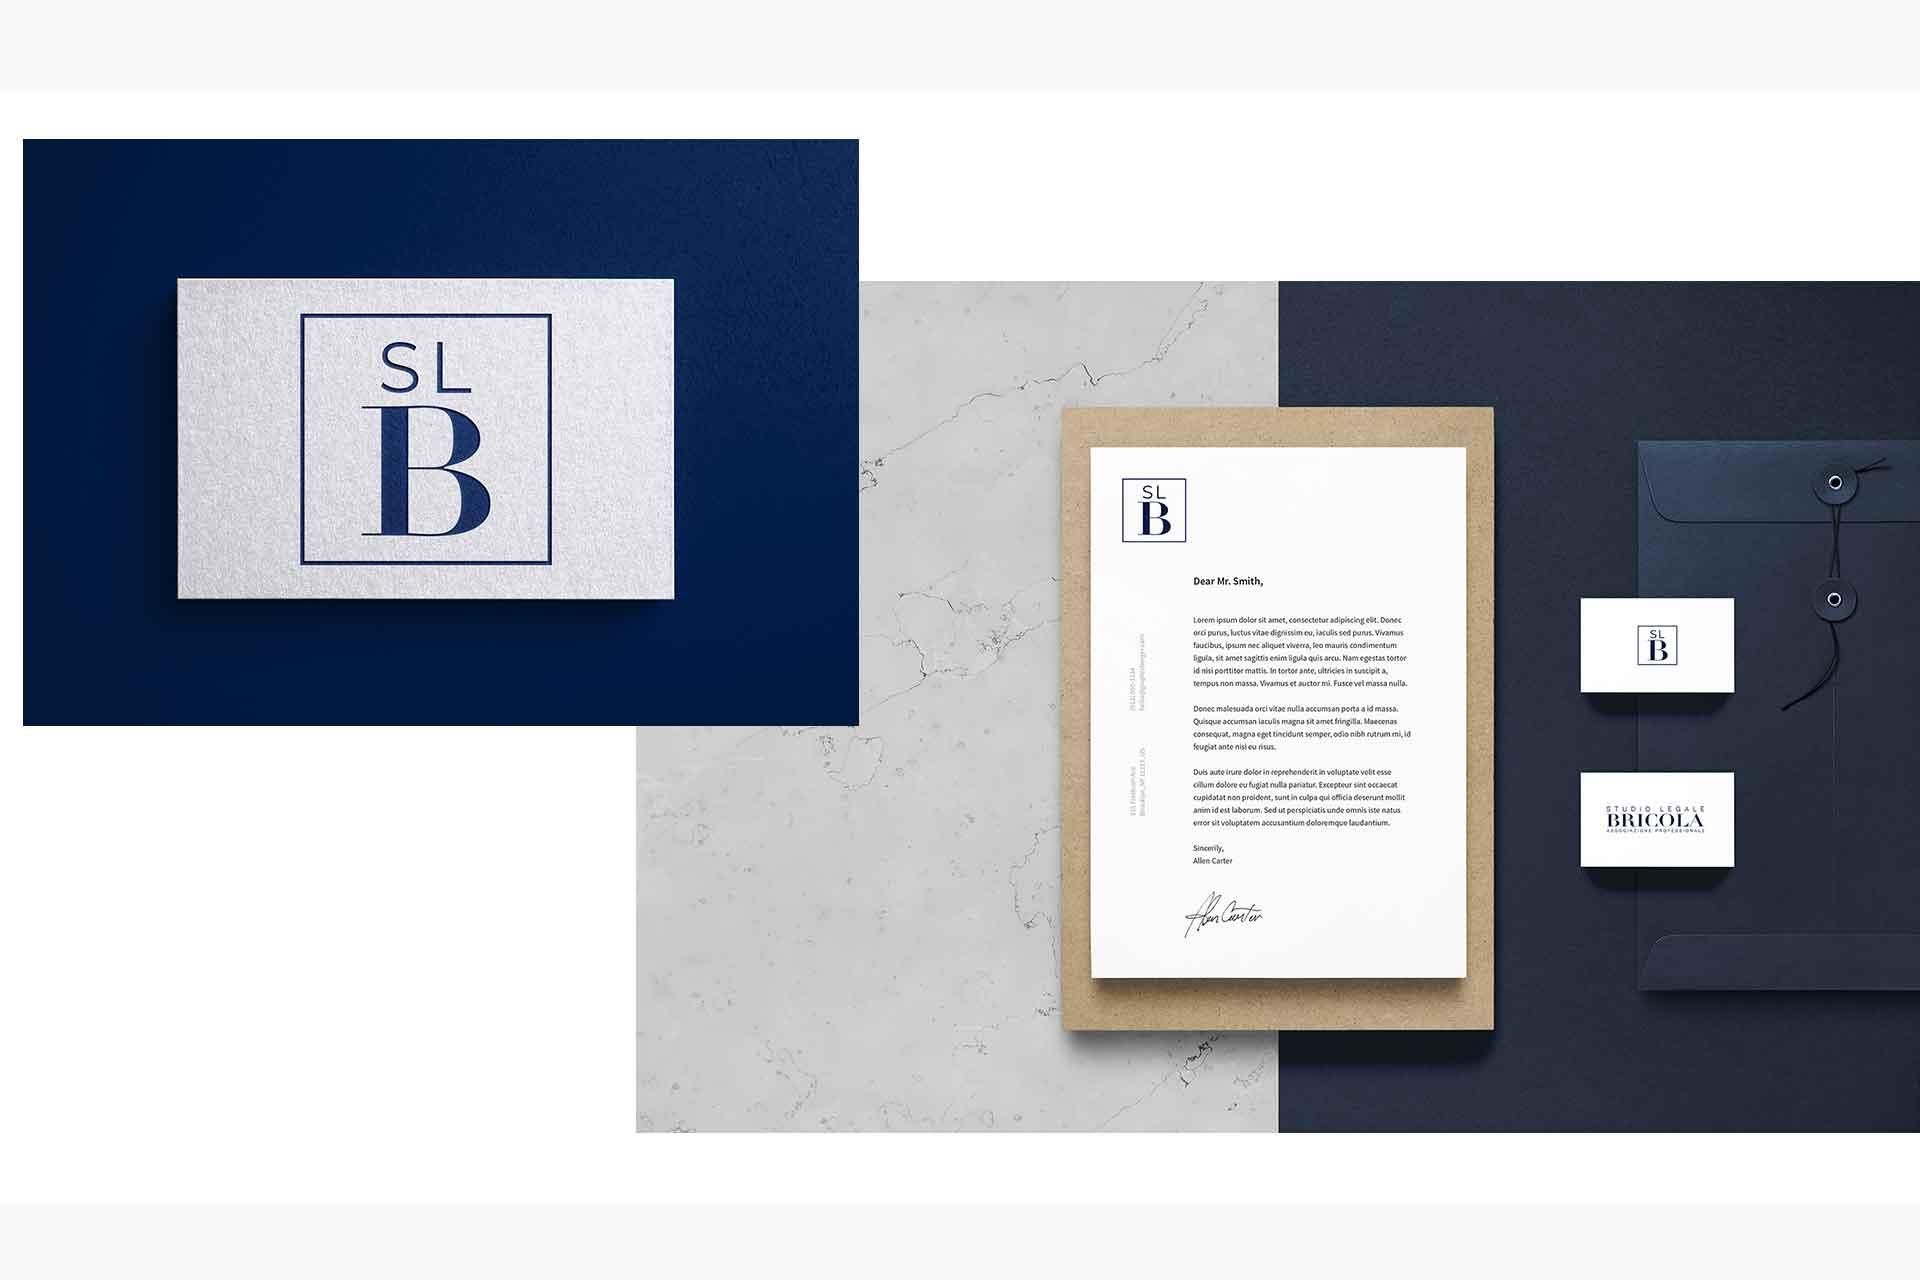 Studio Legale Bricola Immagine Coordinata